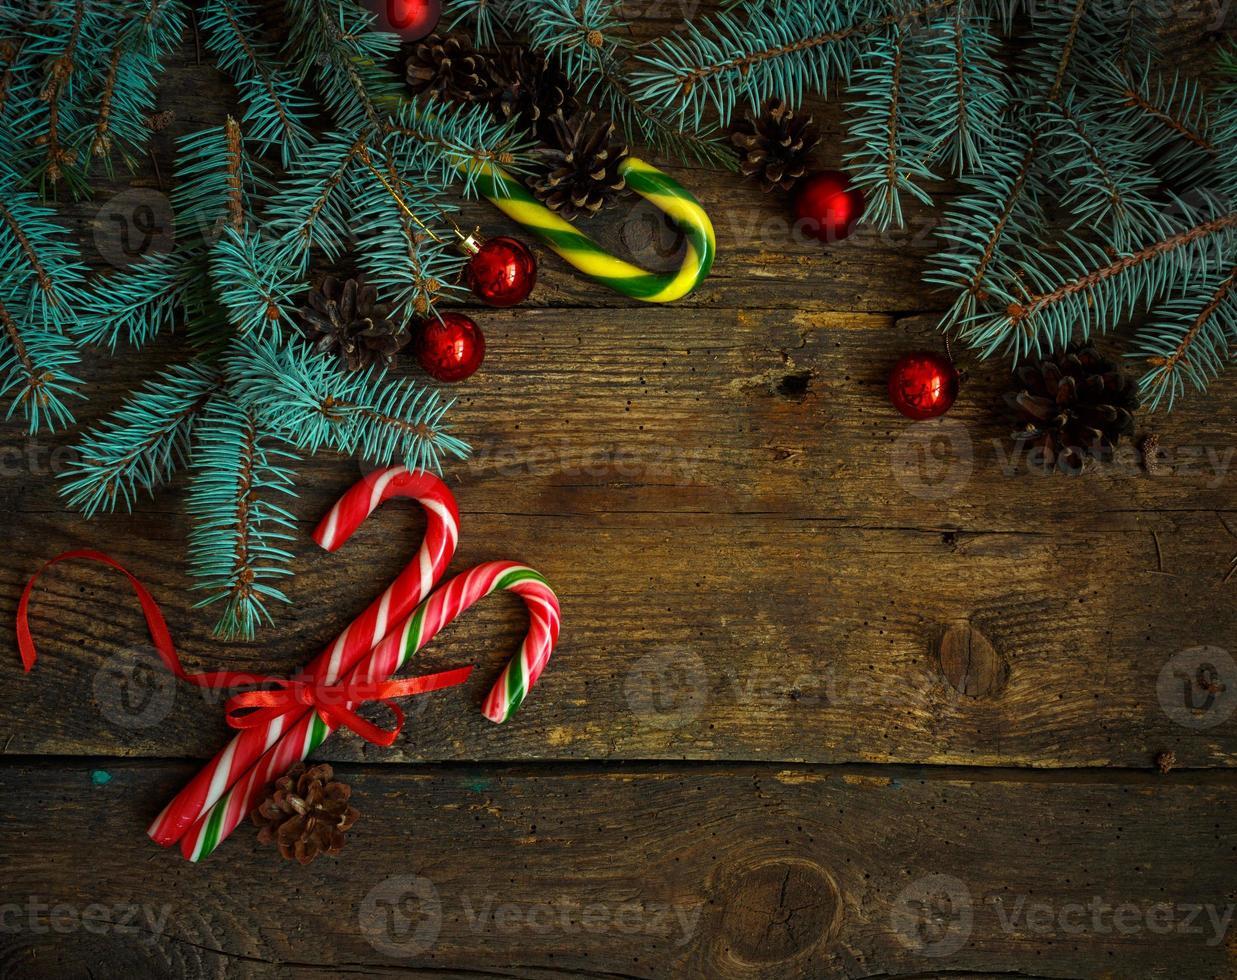 Weihnachtsgrenze mit Tannenbaum, Zapfen, Weihnachtsschmuck, Zuckerstange foto